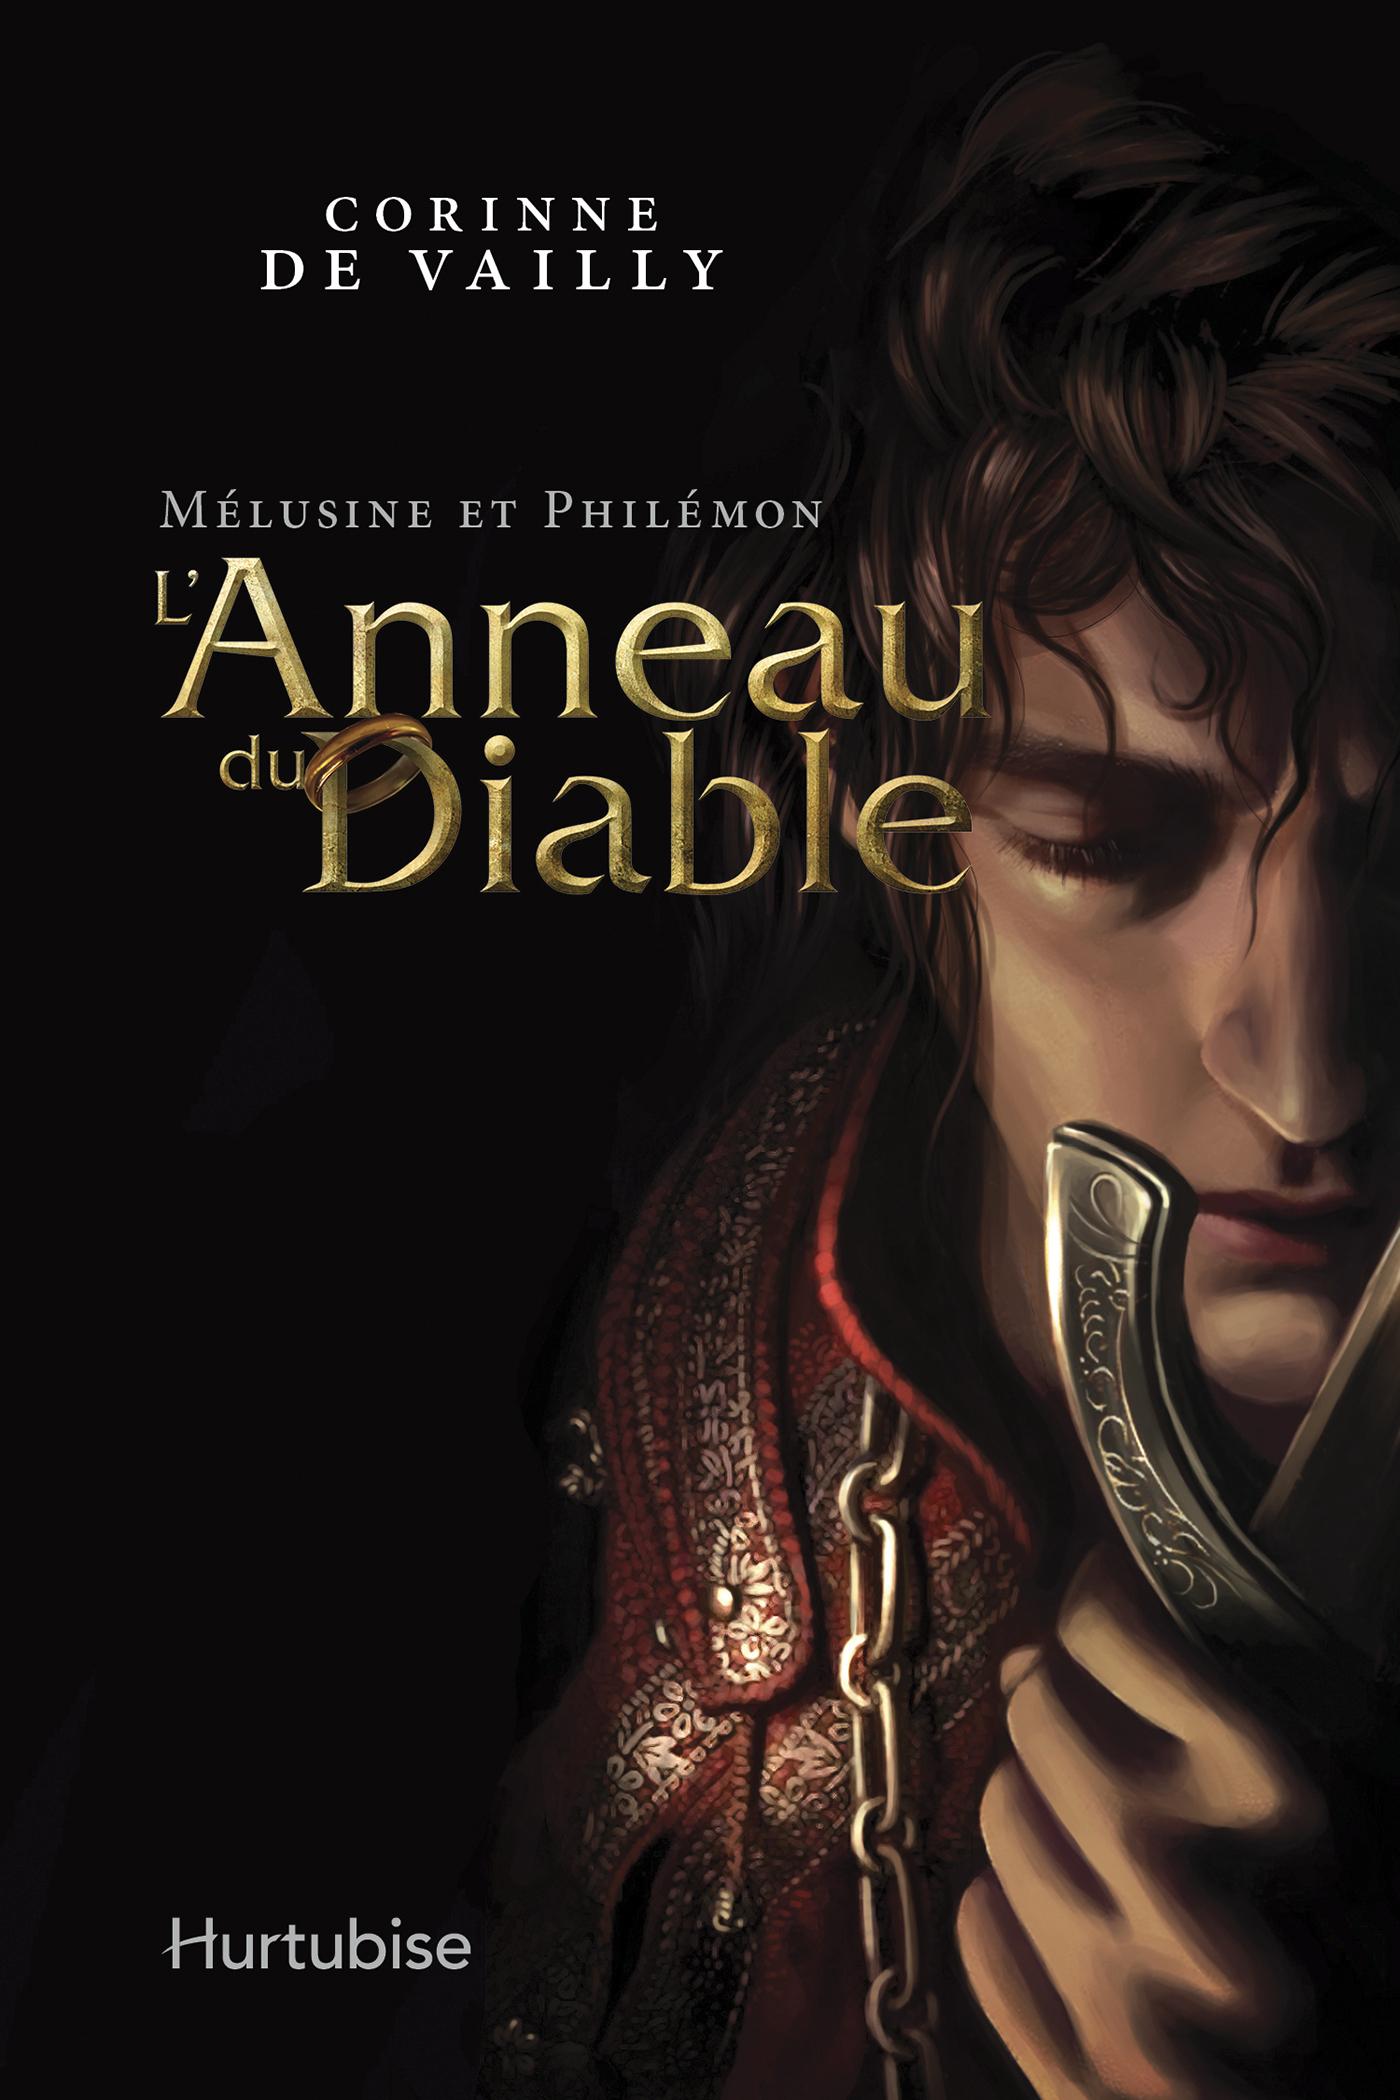 Mélusine et Philémon T.1 : L'anneau du diable